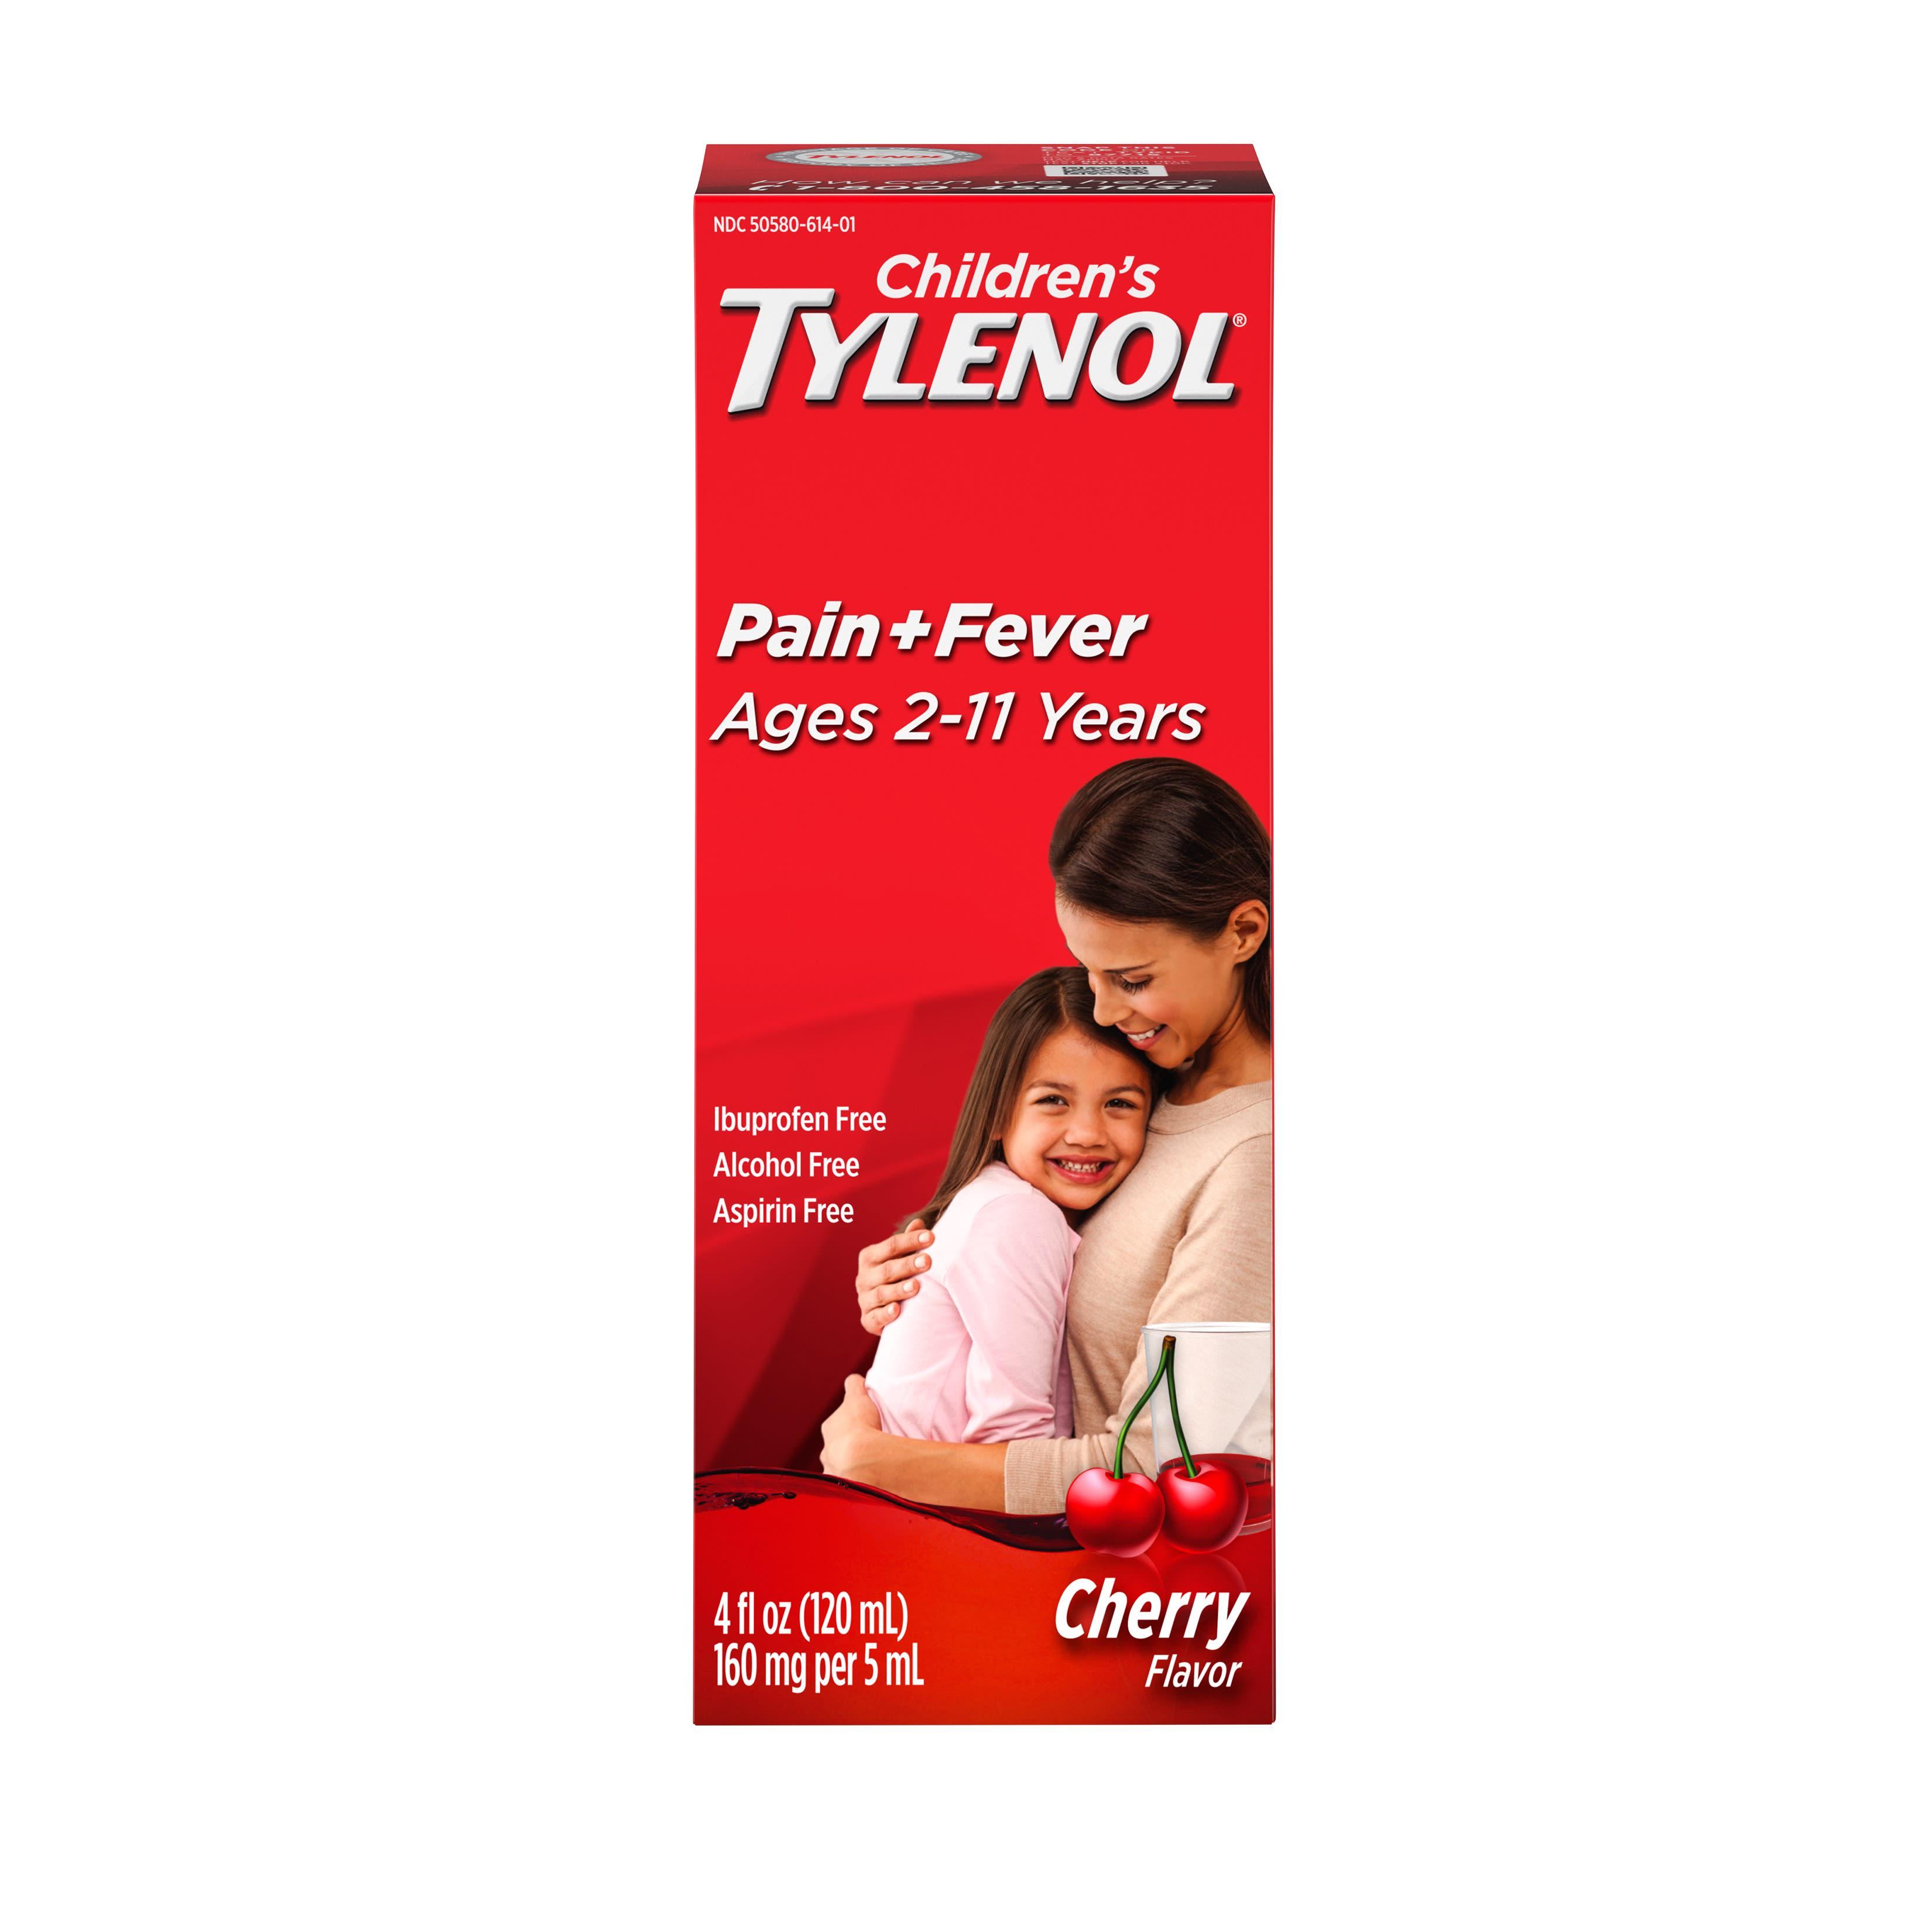 Siro Tylenol giúp giảm Cảm lạnh, Cảm cúm cho trẻ 2-11 tuổi